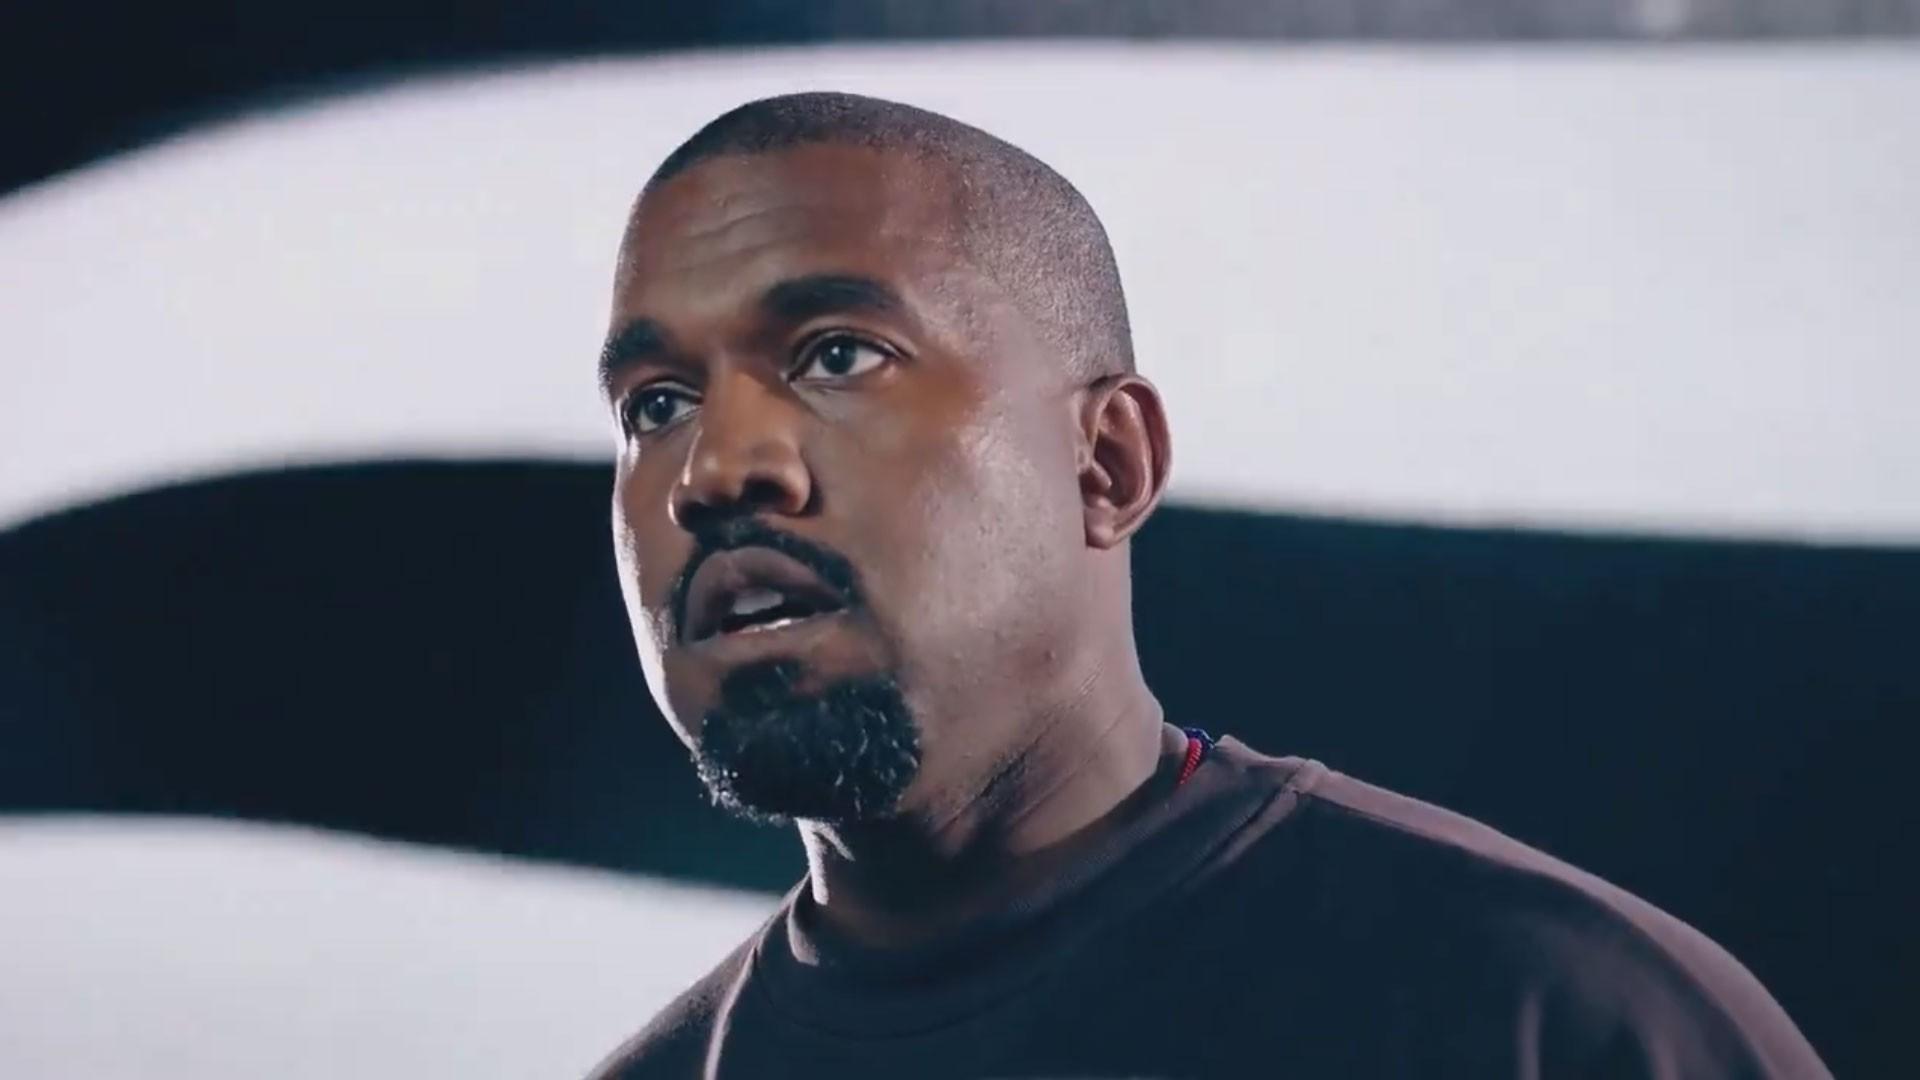 Kanye West muda nome oficialmente para Ye após juiz aprovar pedido